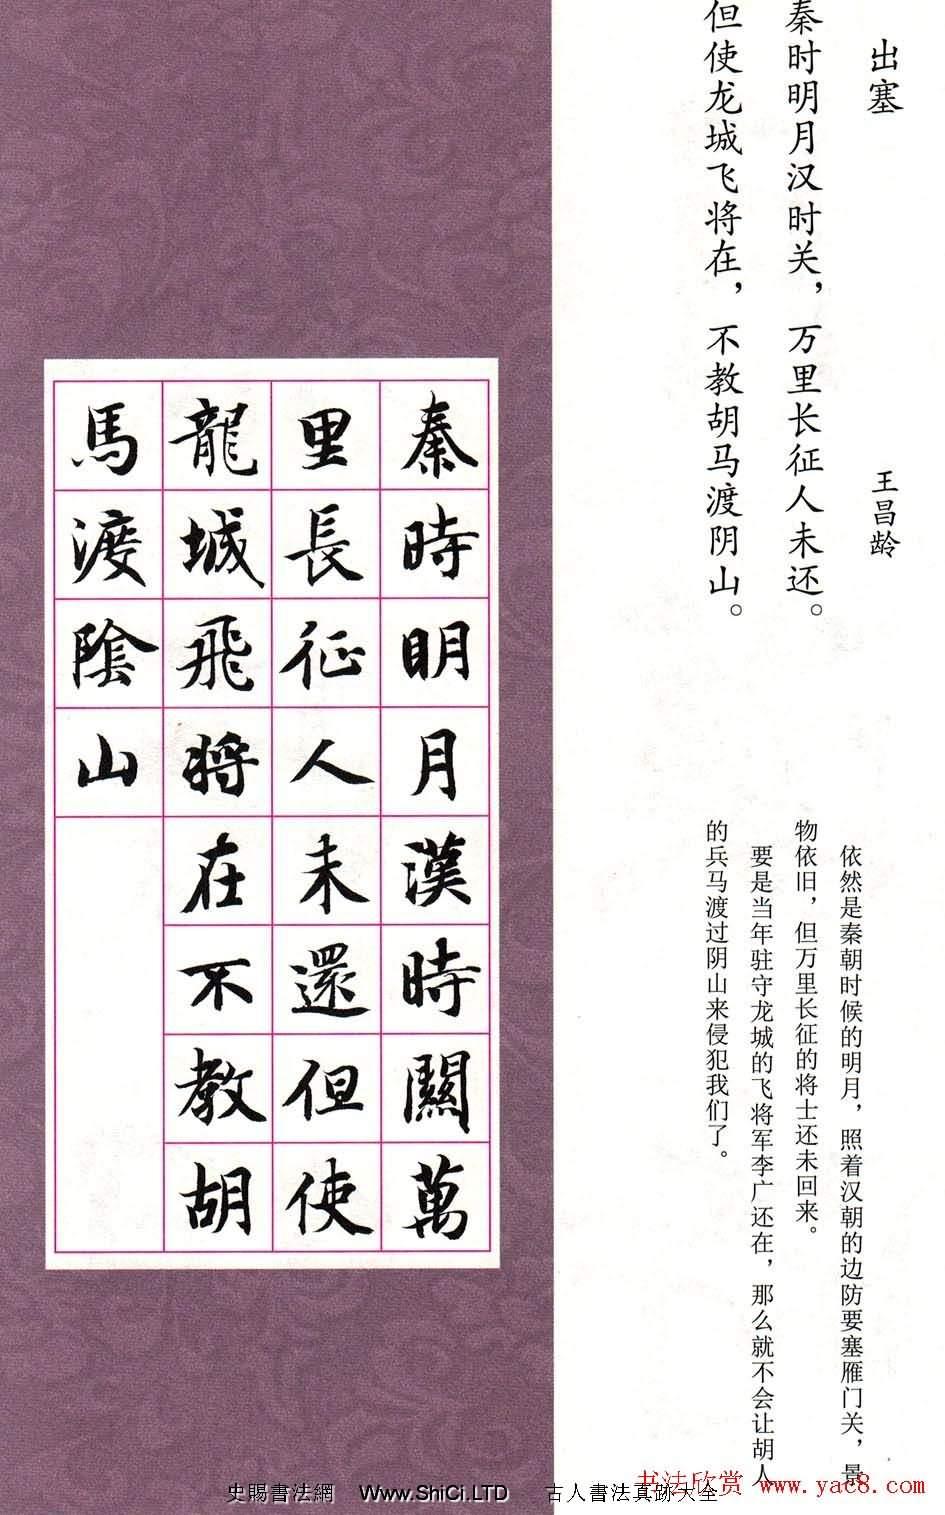 智永楷書集字唐詩七言絕句四首(共24張圖片)